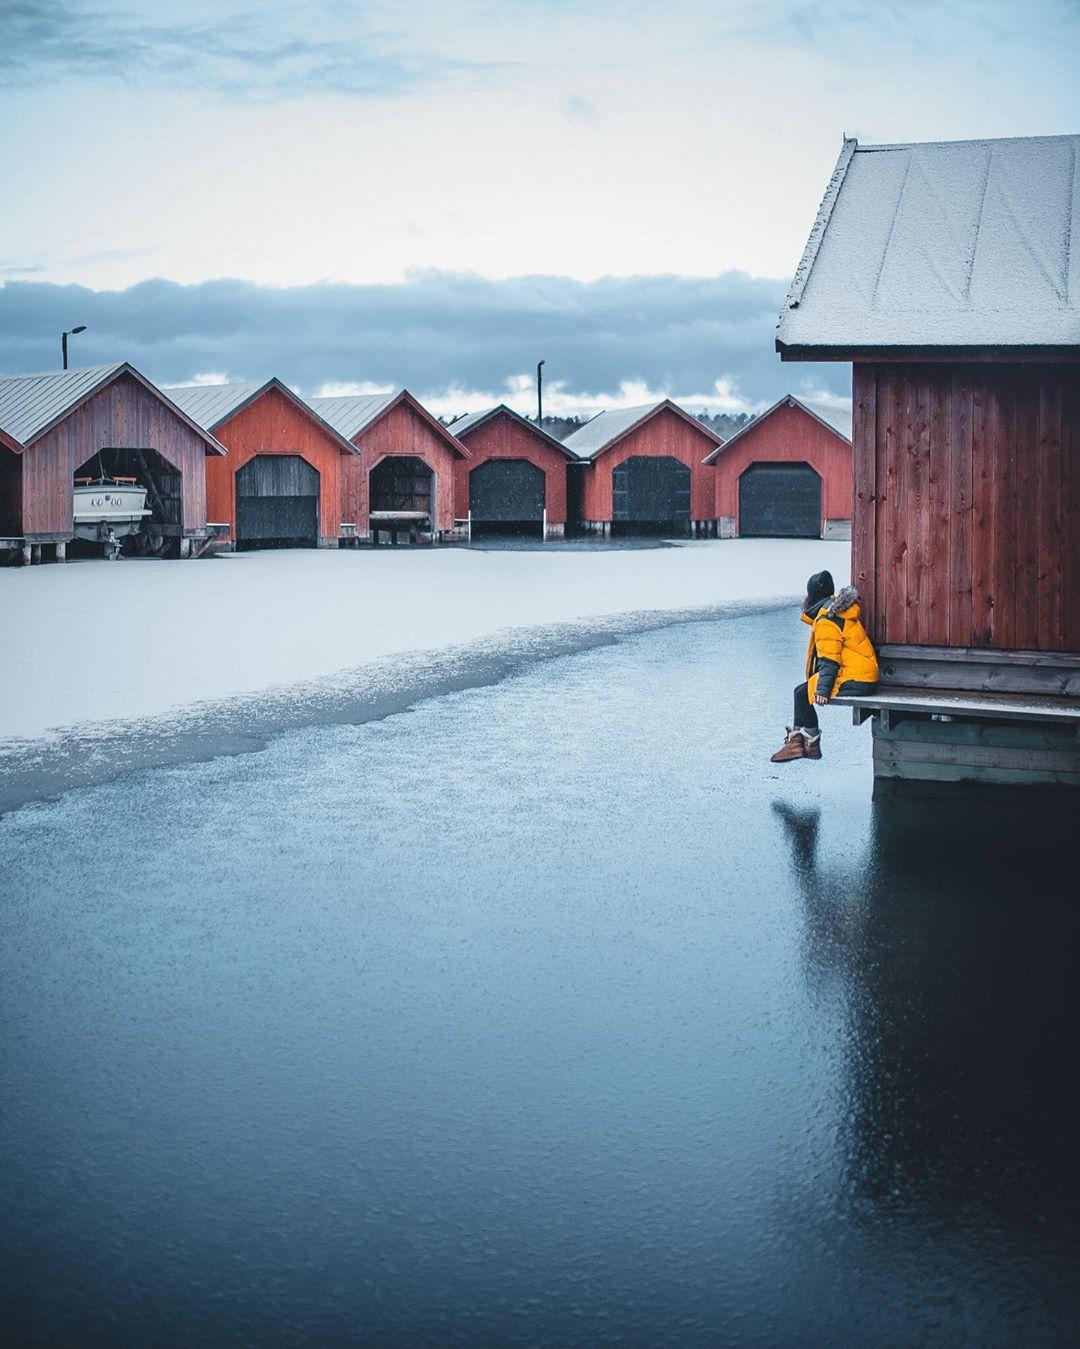 Quần đảo Åland, Thụy Điển, Phần Lan